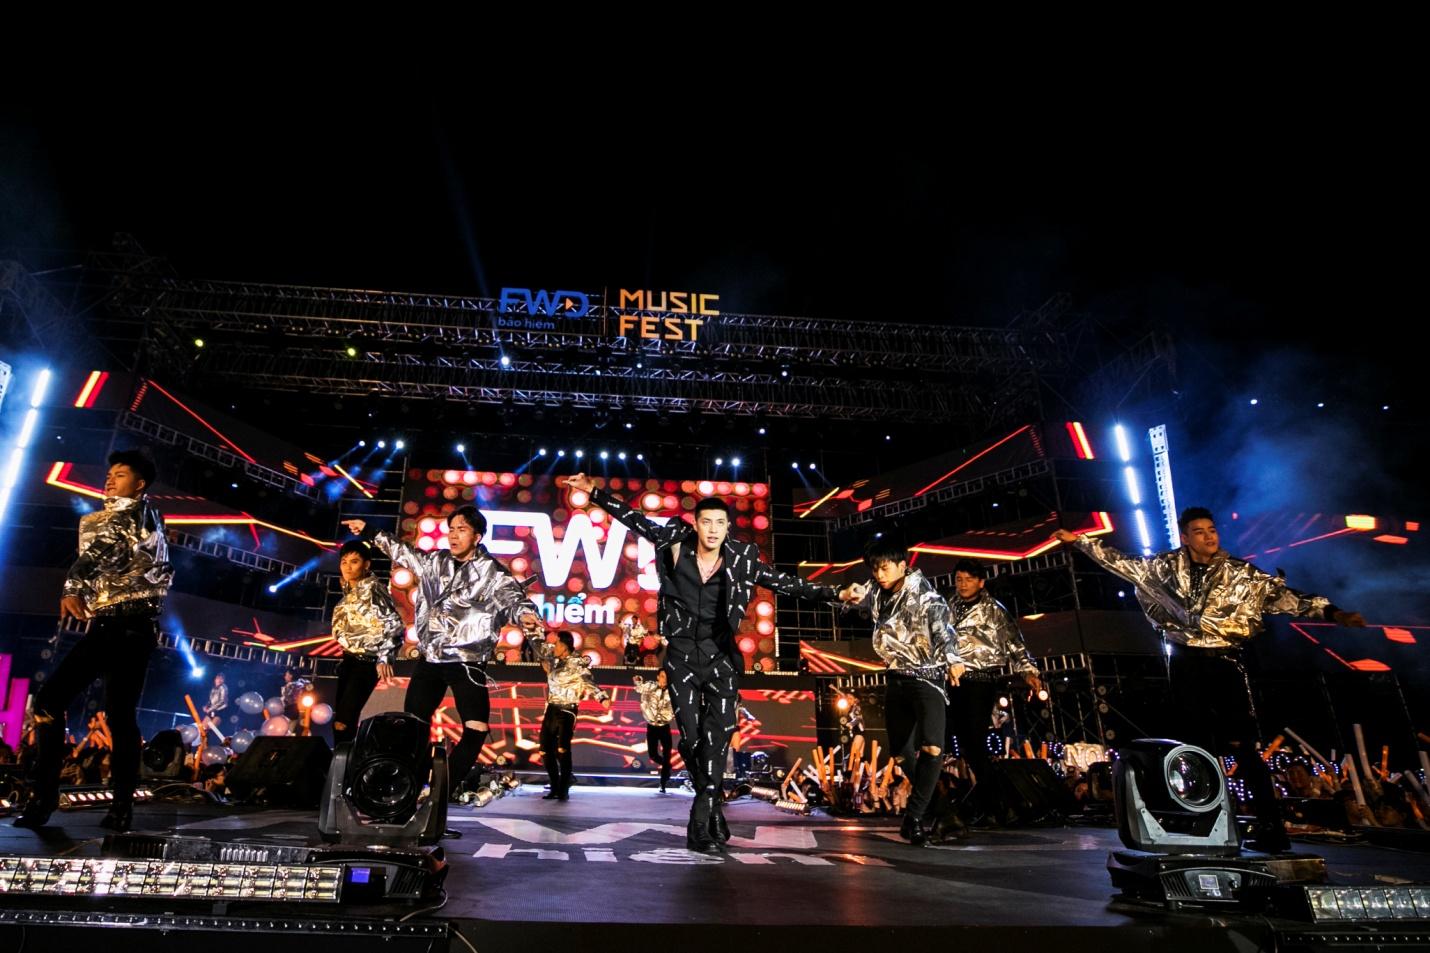 FWD Music Fest thành công mỹ mãn trong sự reo hò của 20.000 khán giả - Ảnh 2.